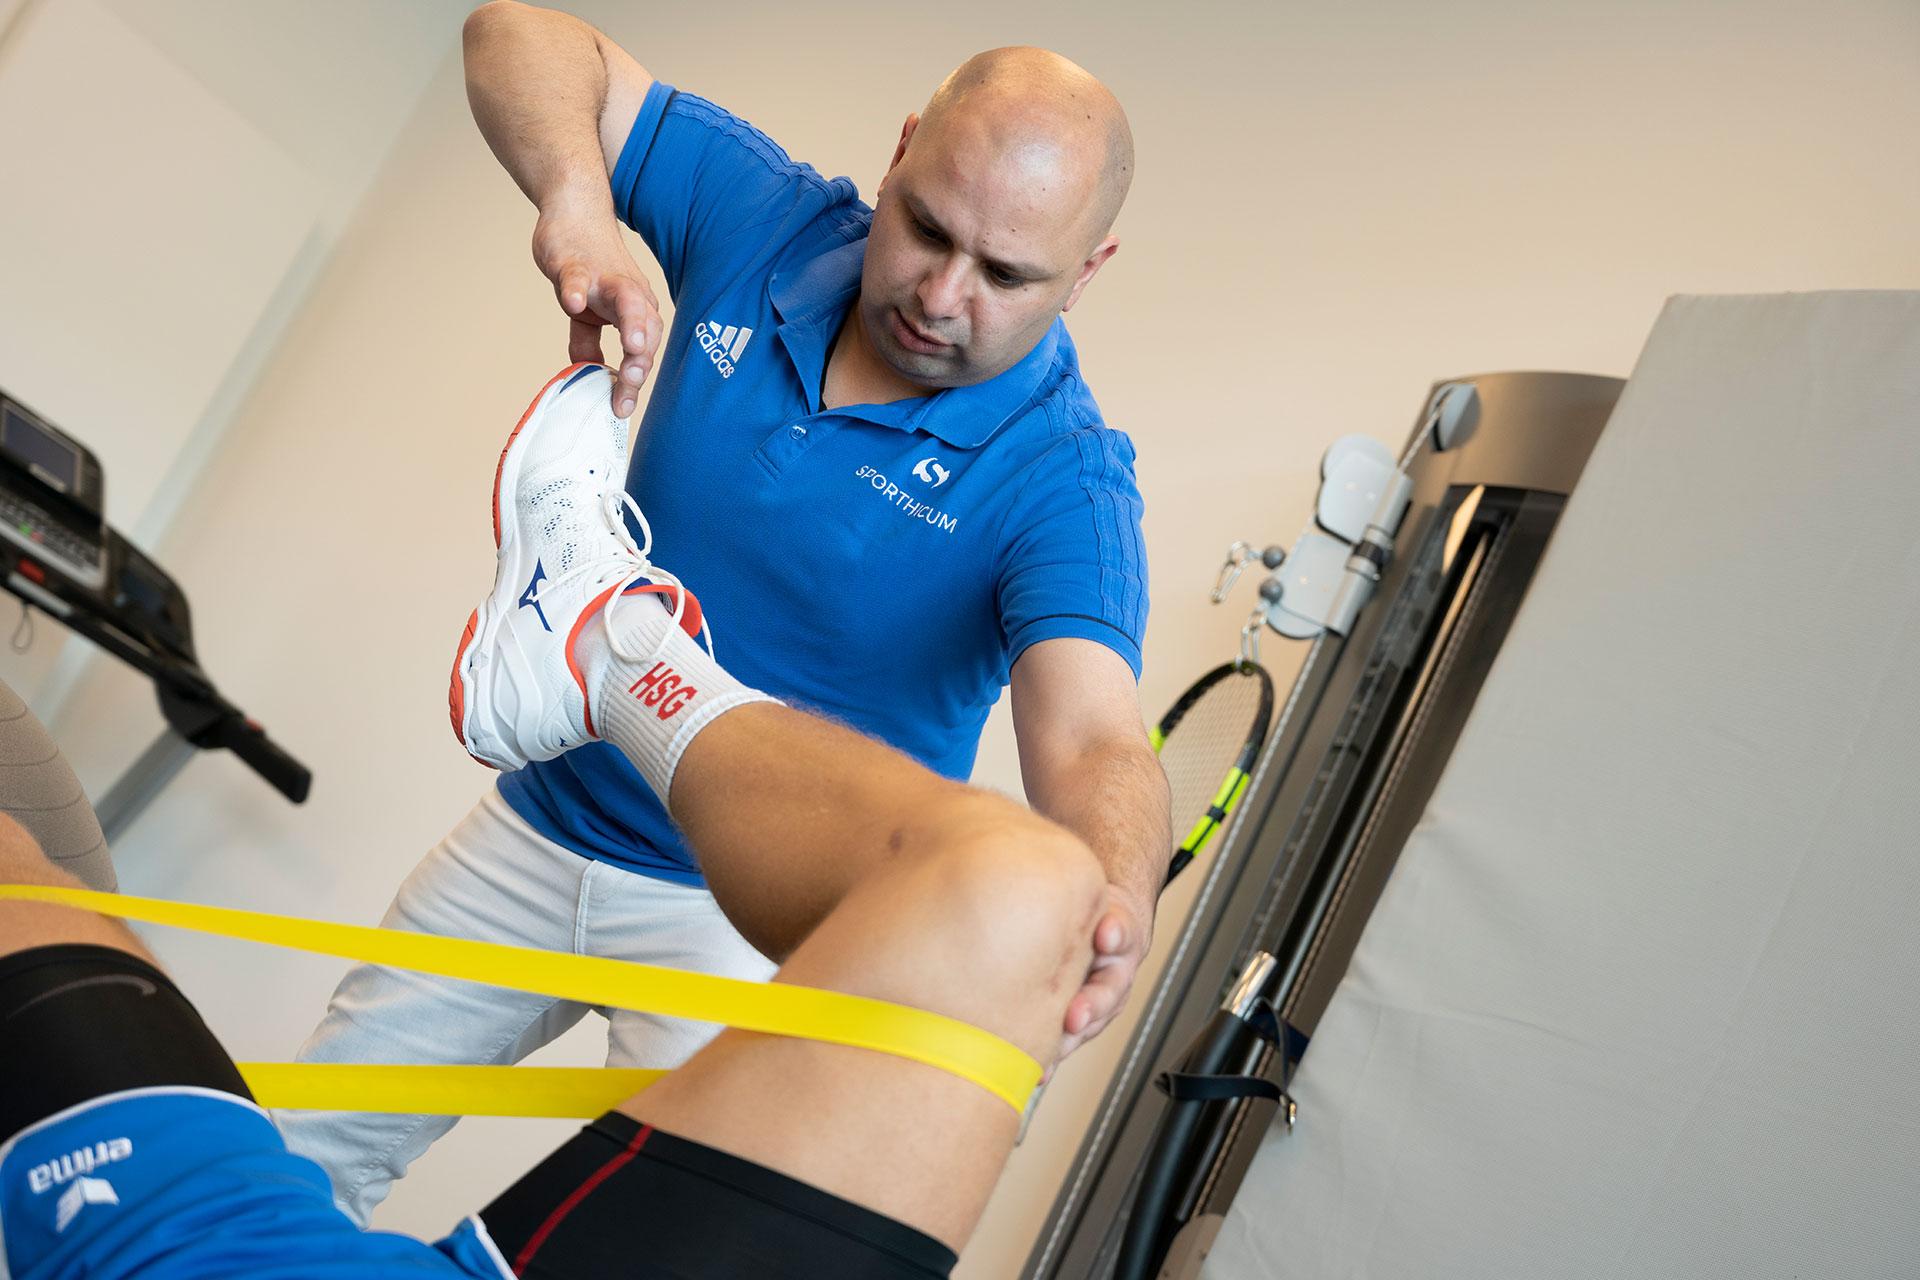 sporthicum_2020_241-nils-asselborn-arios-masso-physiotherapie-bergisch-gladbach